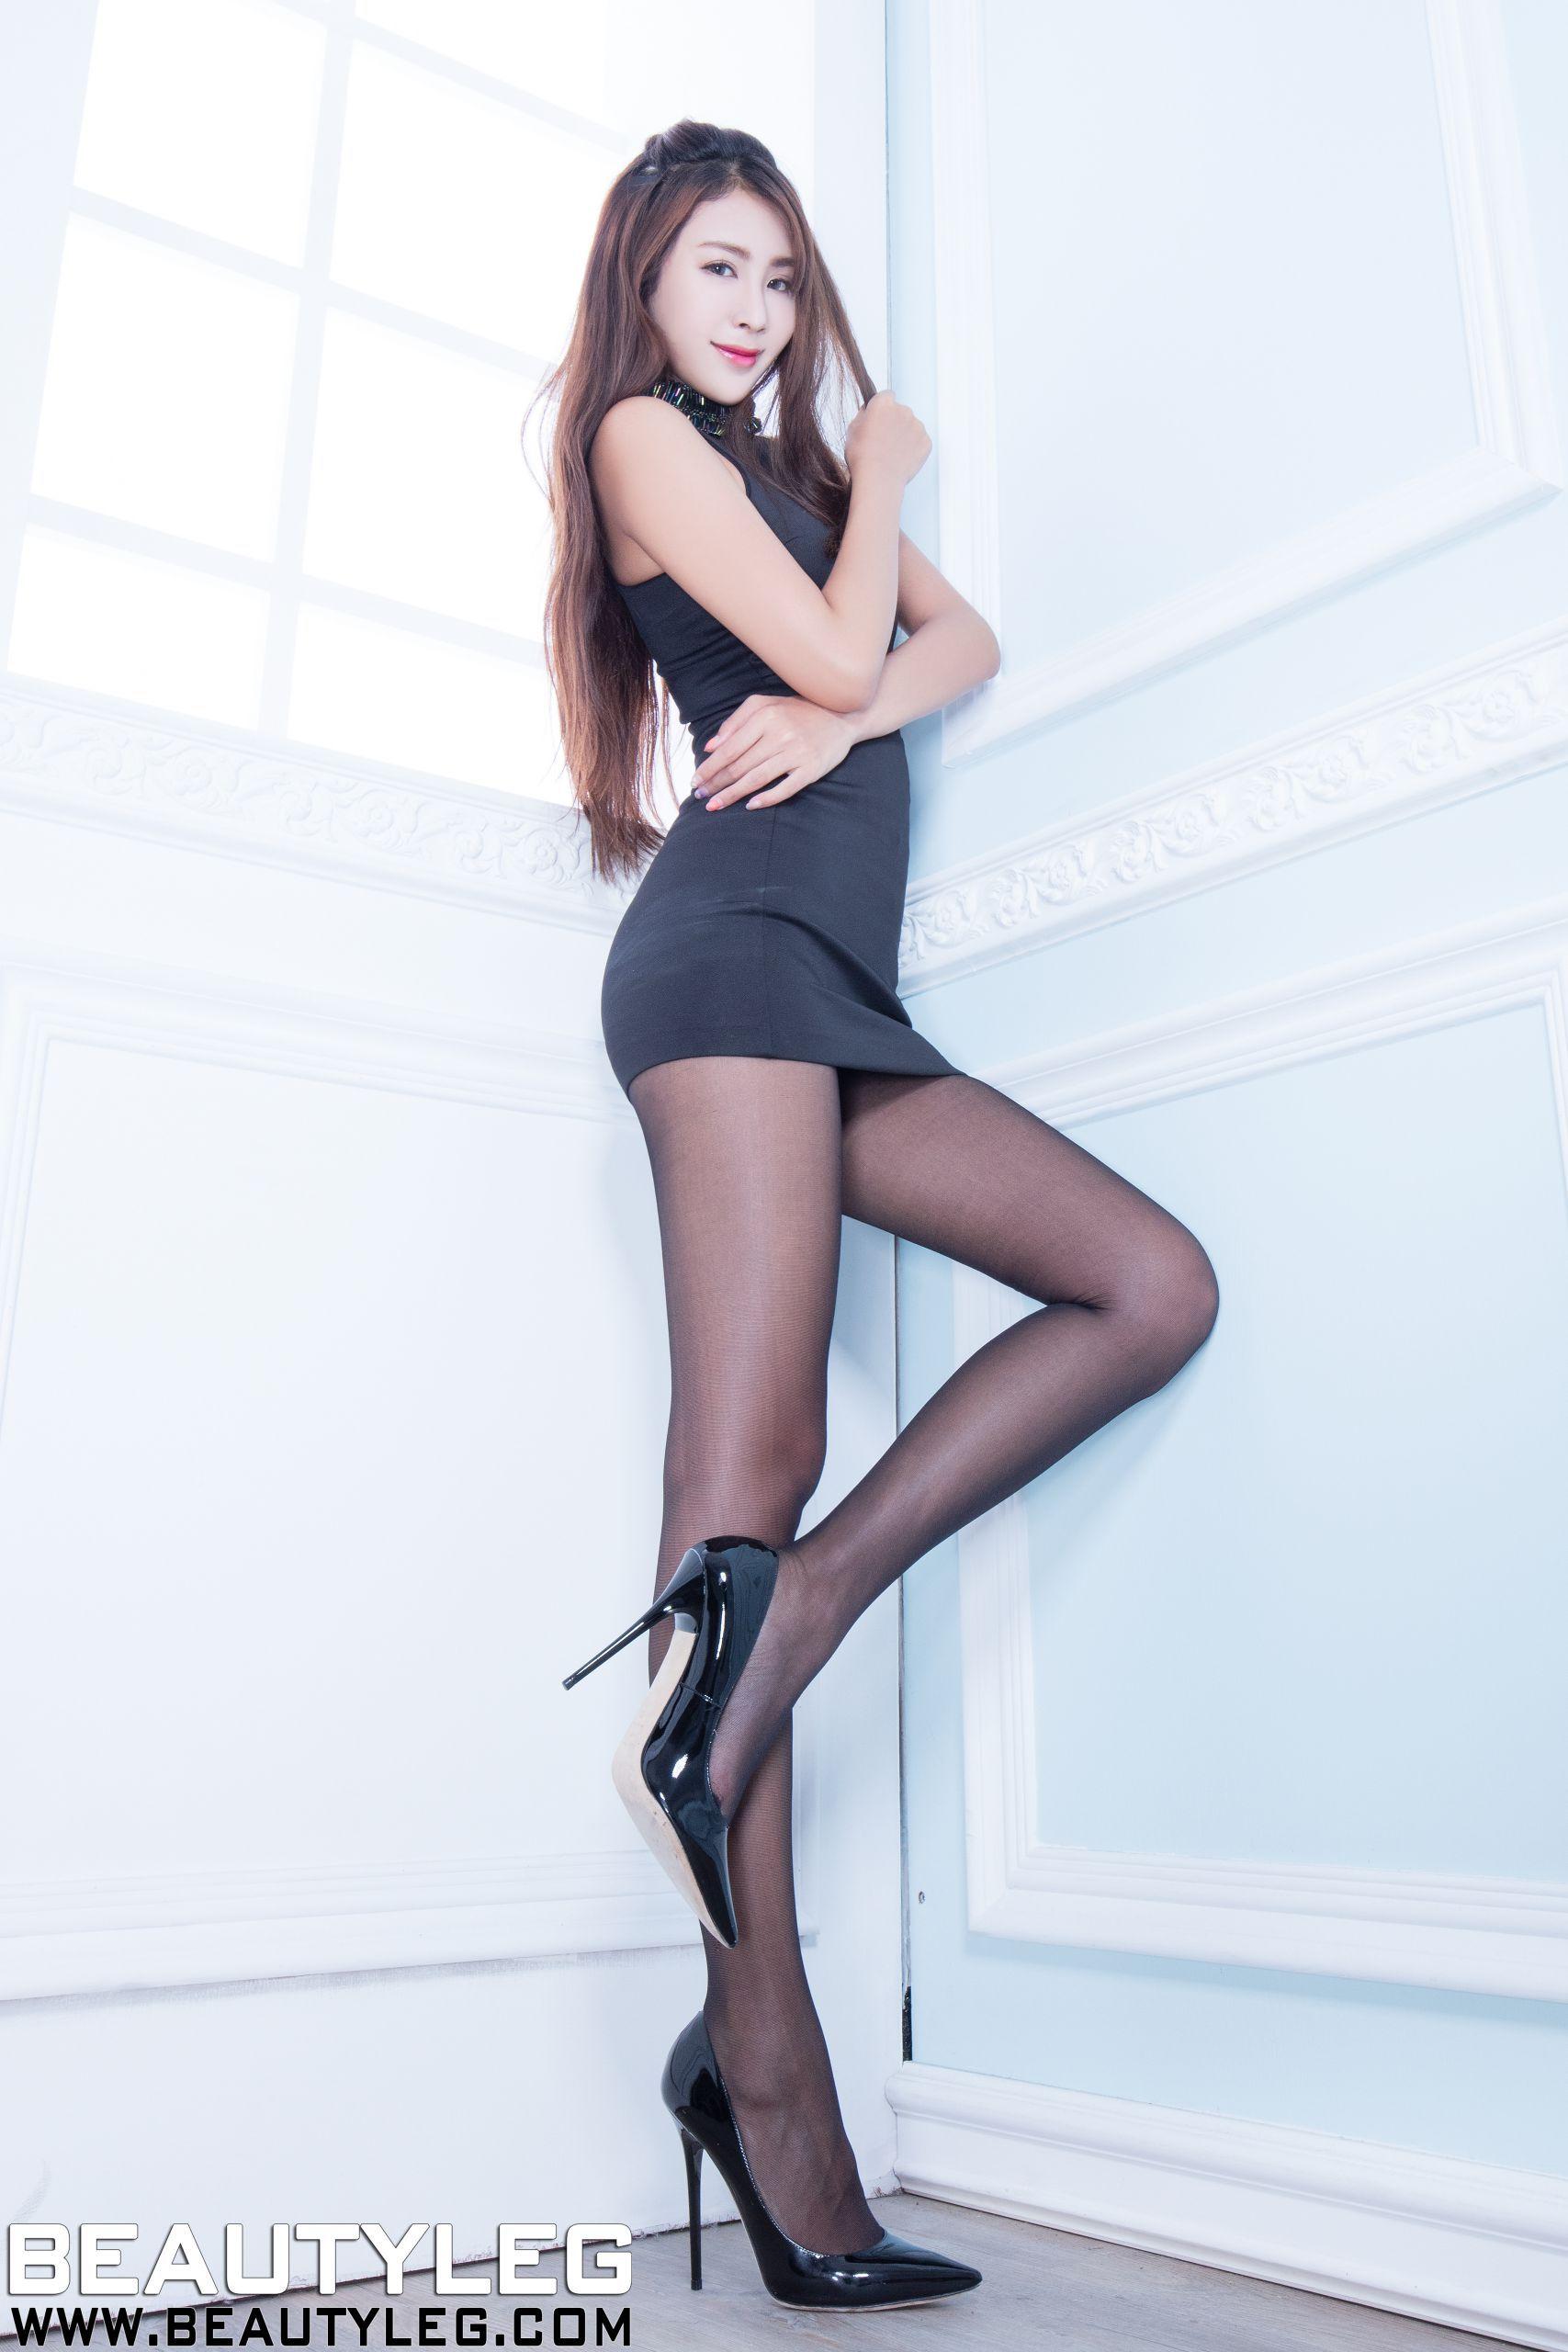 [Beautyleg] No.1365 Miso 美腿写真套图_第1页/第4张图 | 138 | Pinterest